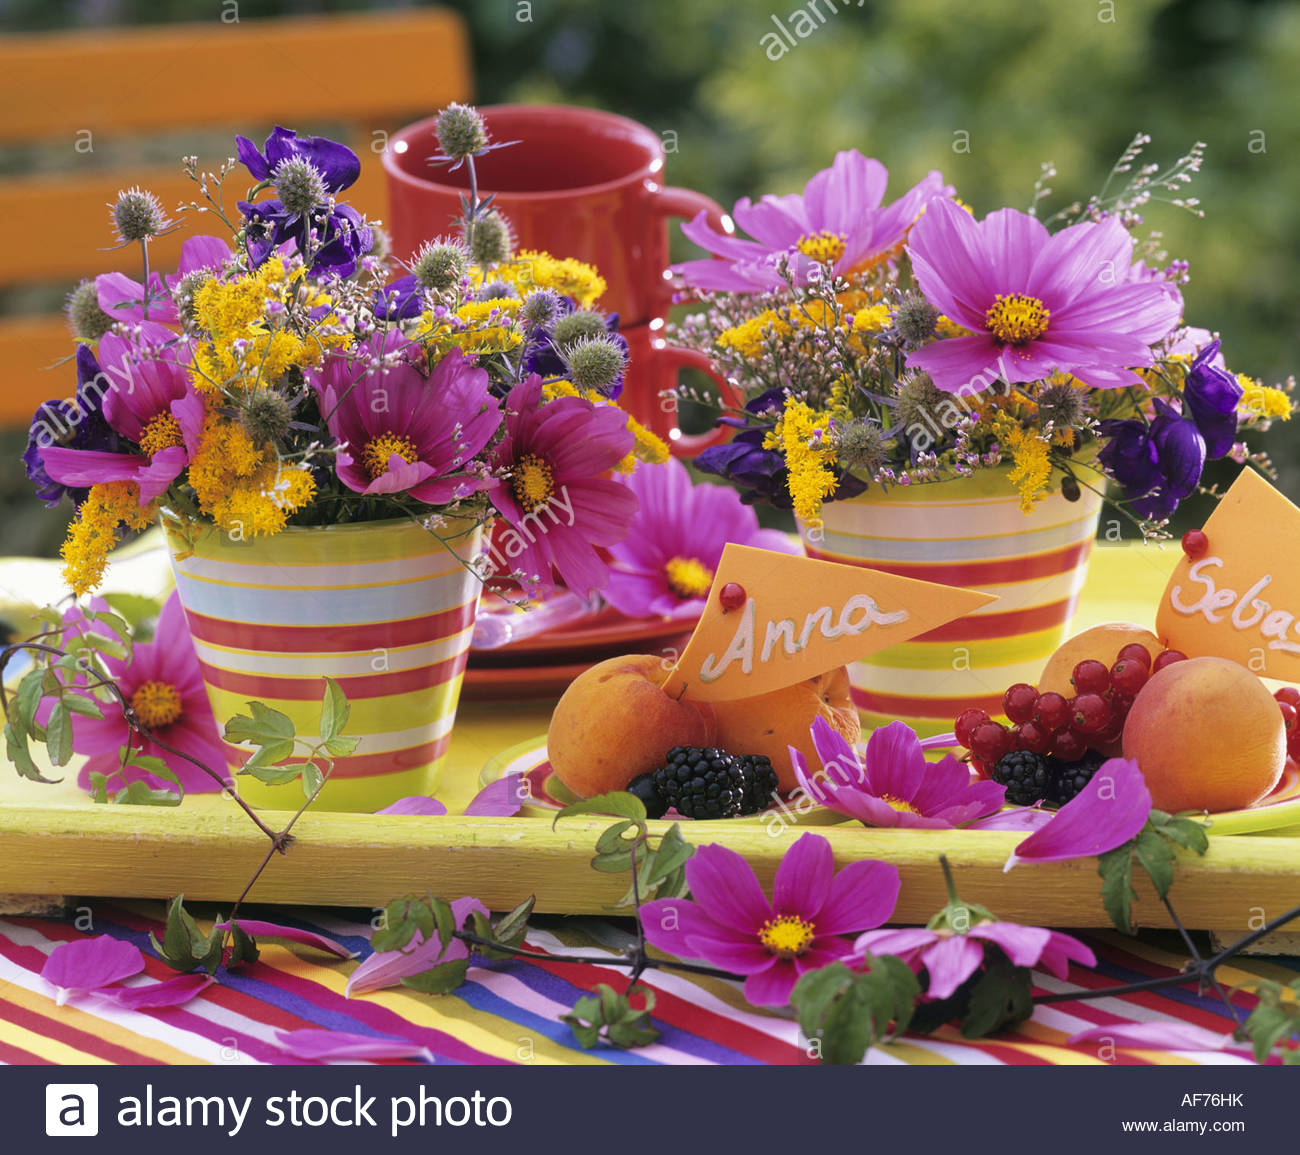 Farbenfrohe Blumenarrangements & Platten von Früchten mit Tischkarten Stockbild